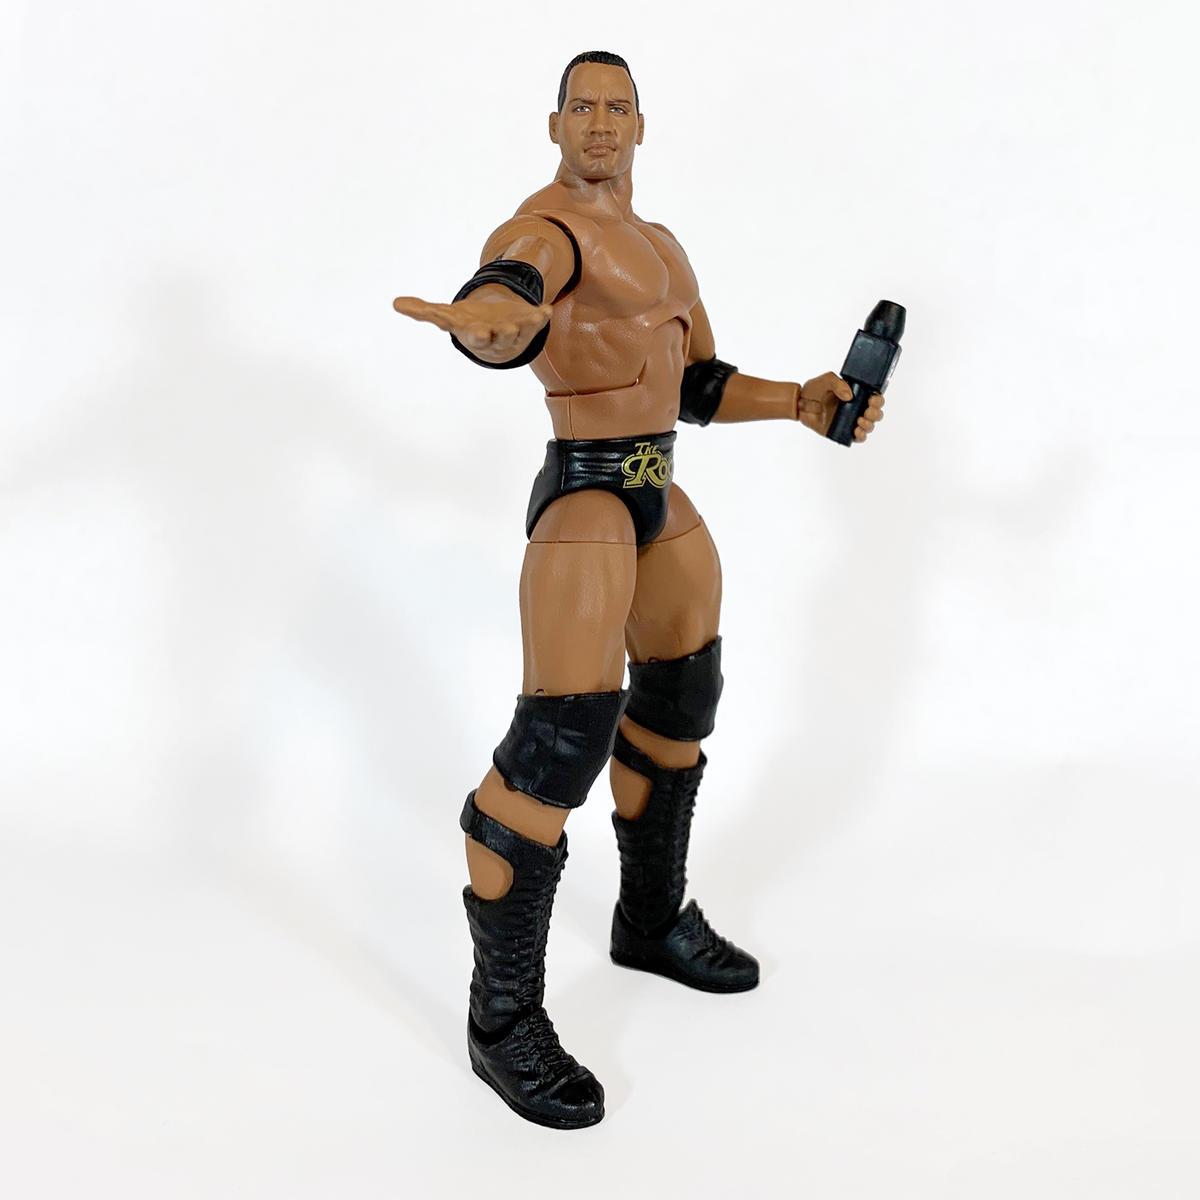 Elite NXT Series 2 New Boxed WWE Mattel Wrestling Figure Shinsuke Nakamura